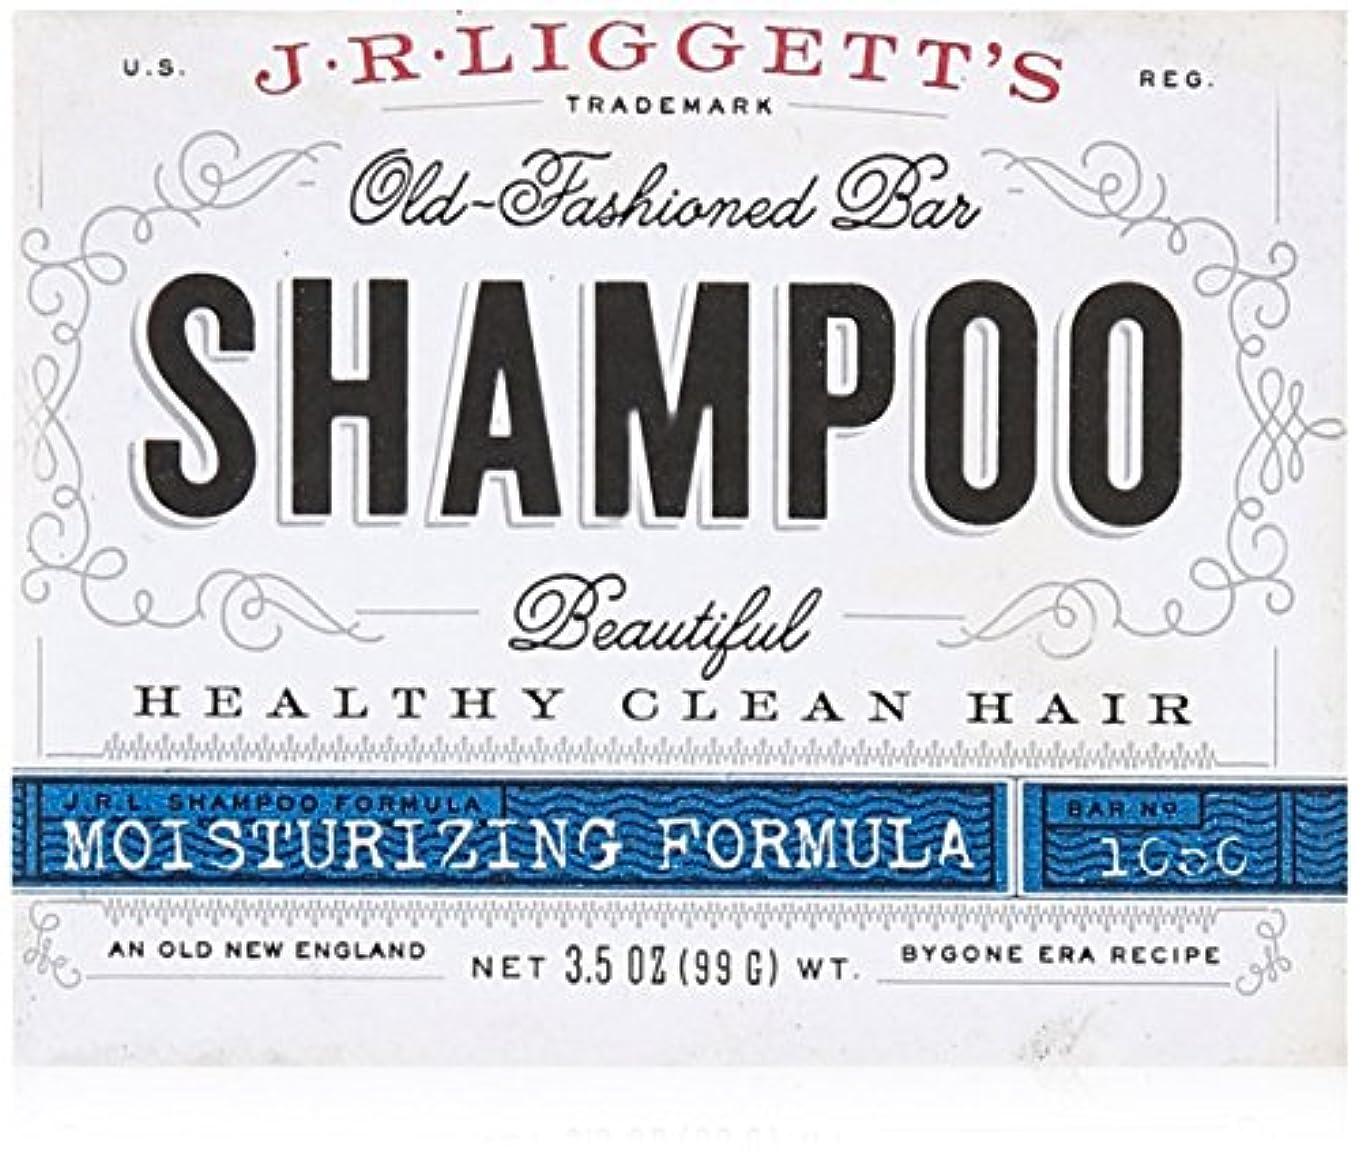 すべてバスケットボールオフセットJ.R. Liggetts Bar Shampoo, Damaged Hair, 3.5 Oz